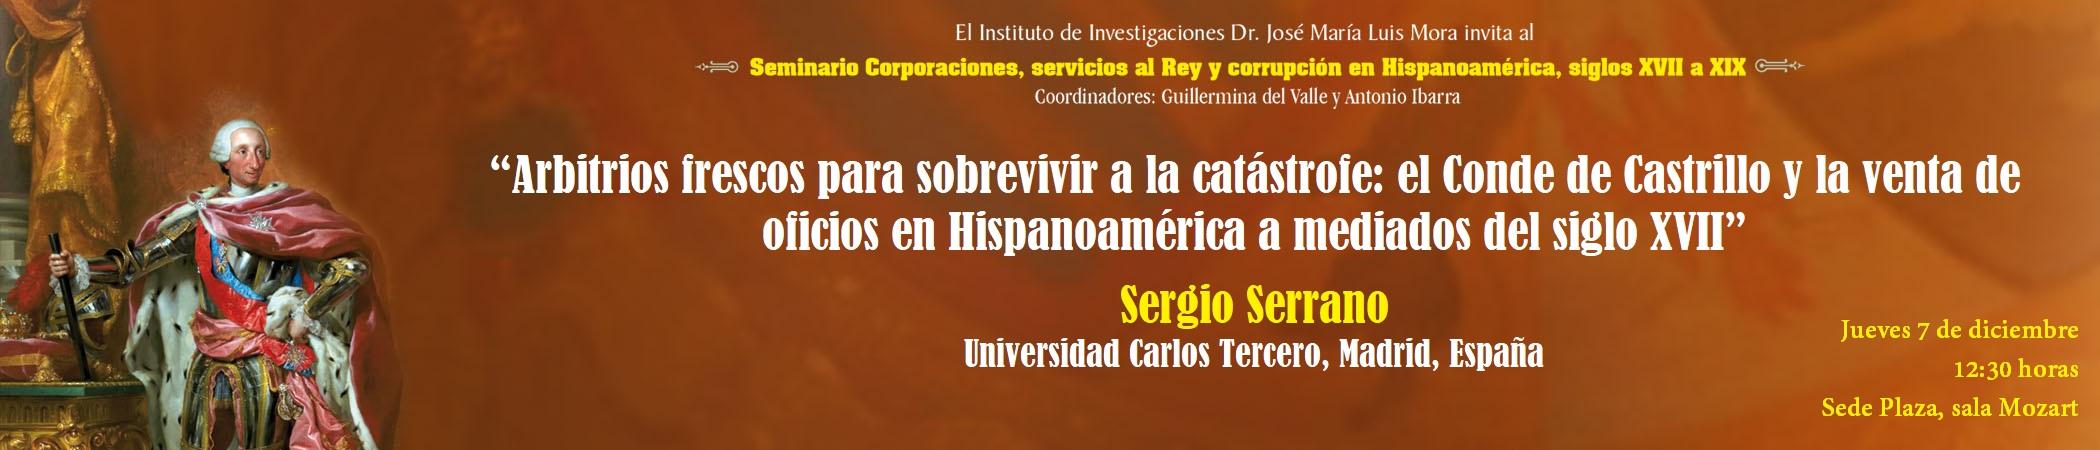 Seminario Corporaciones, servicios al Rey y corrupción en Hispanoamérica, siglos XVIII y XIX